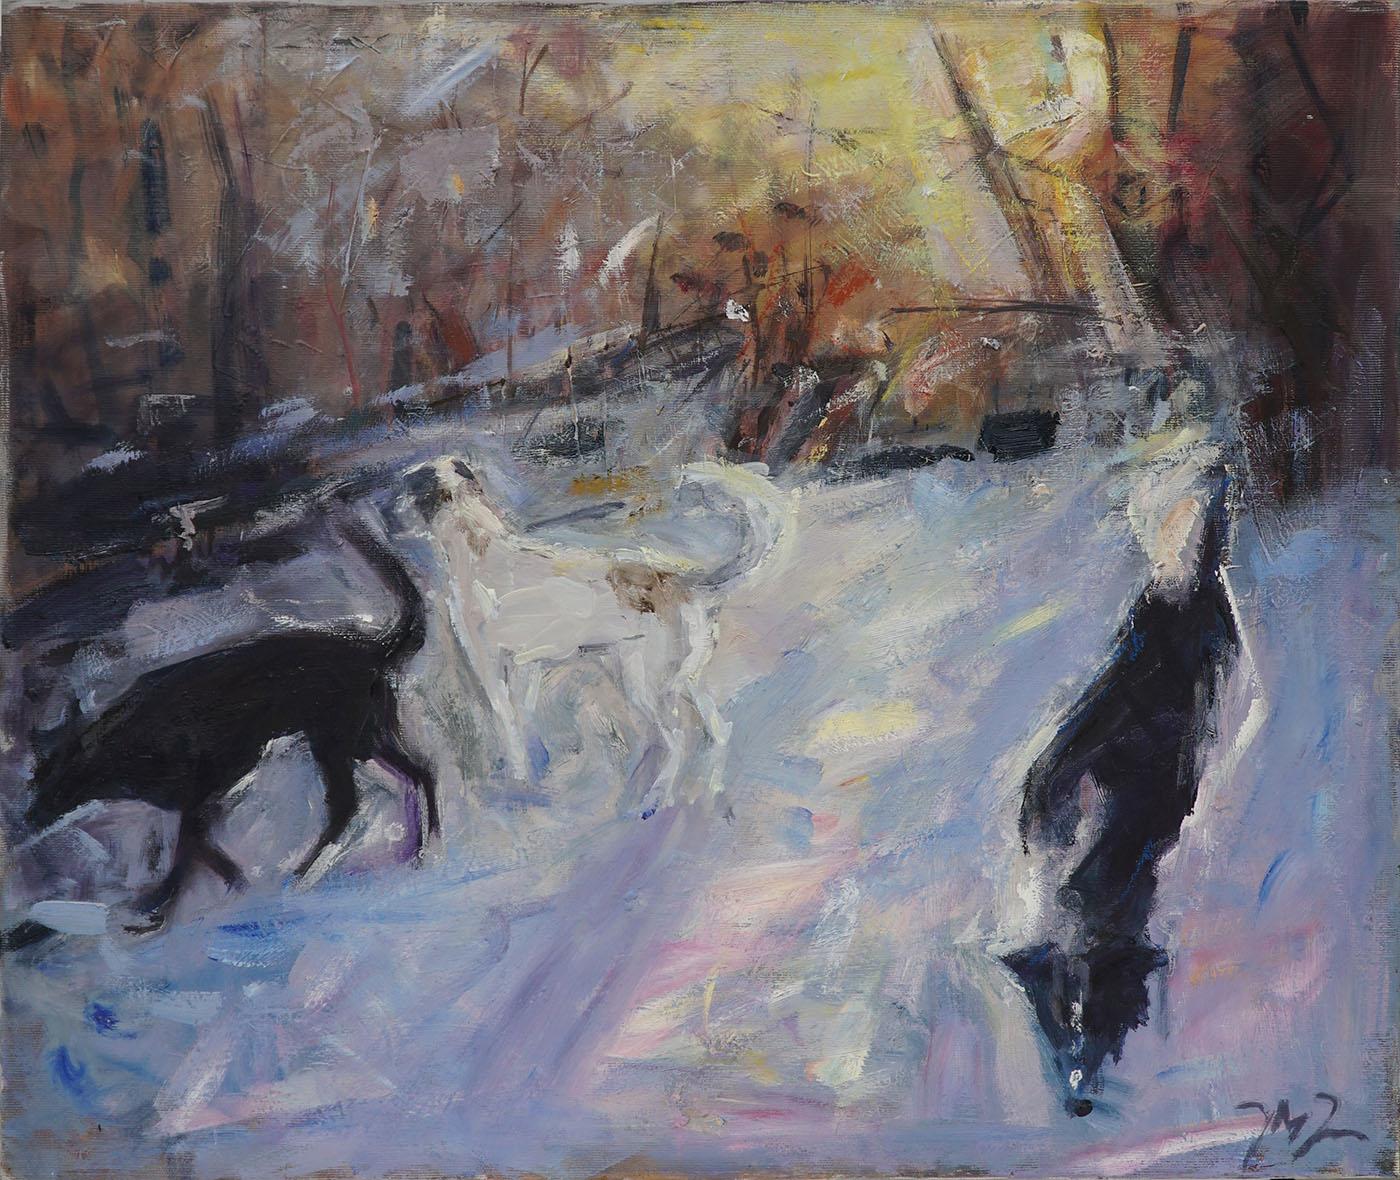 Psy na śniegu, 2015